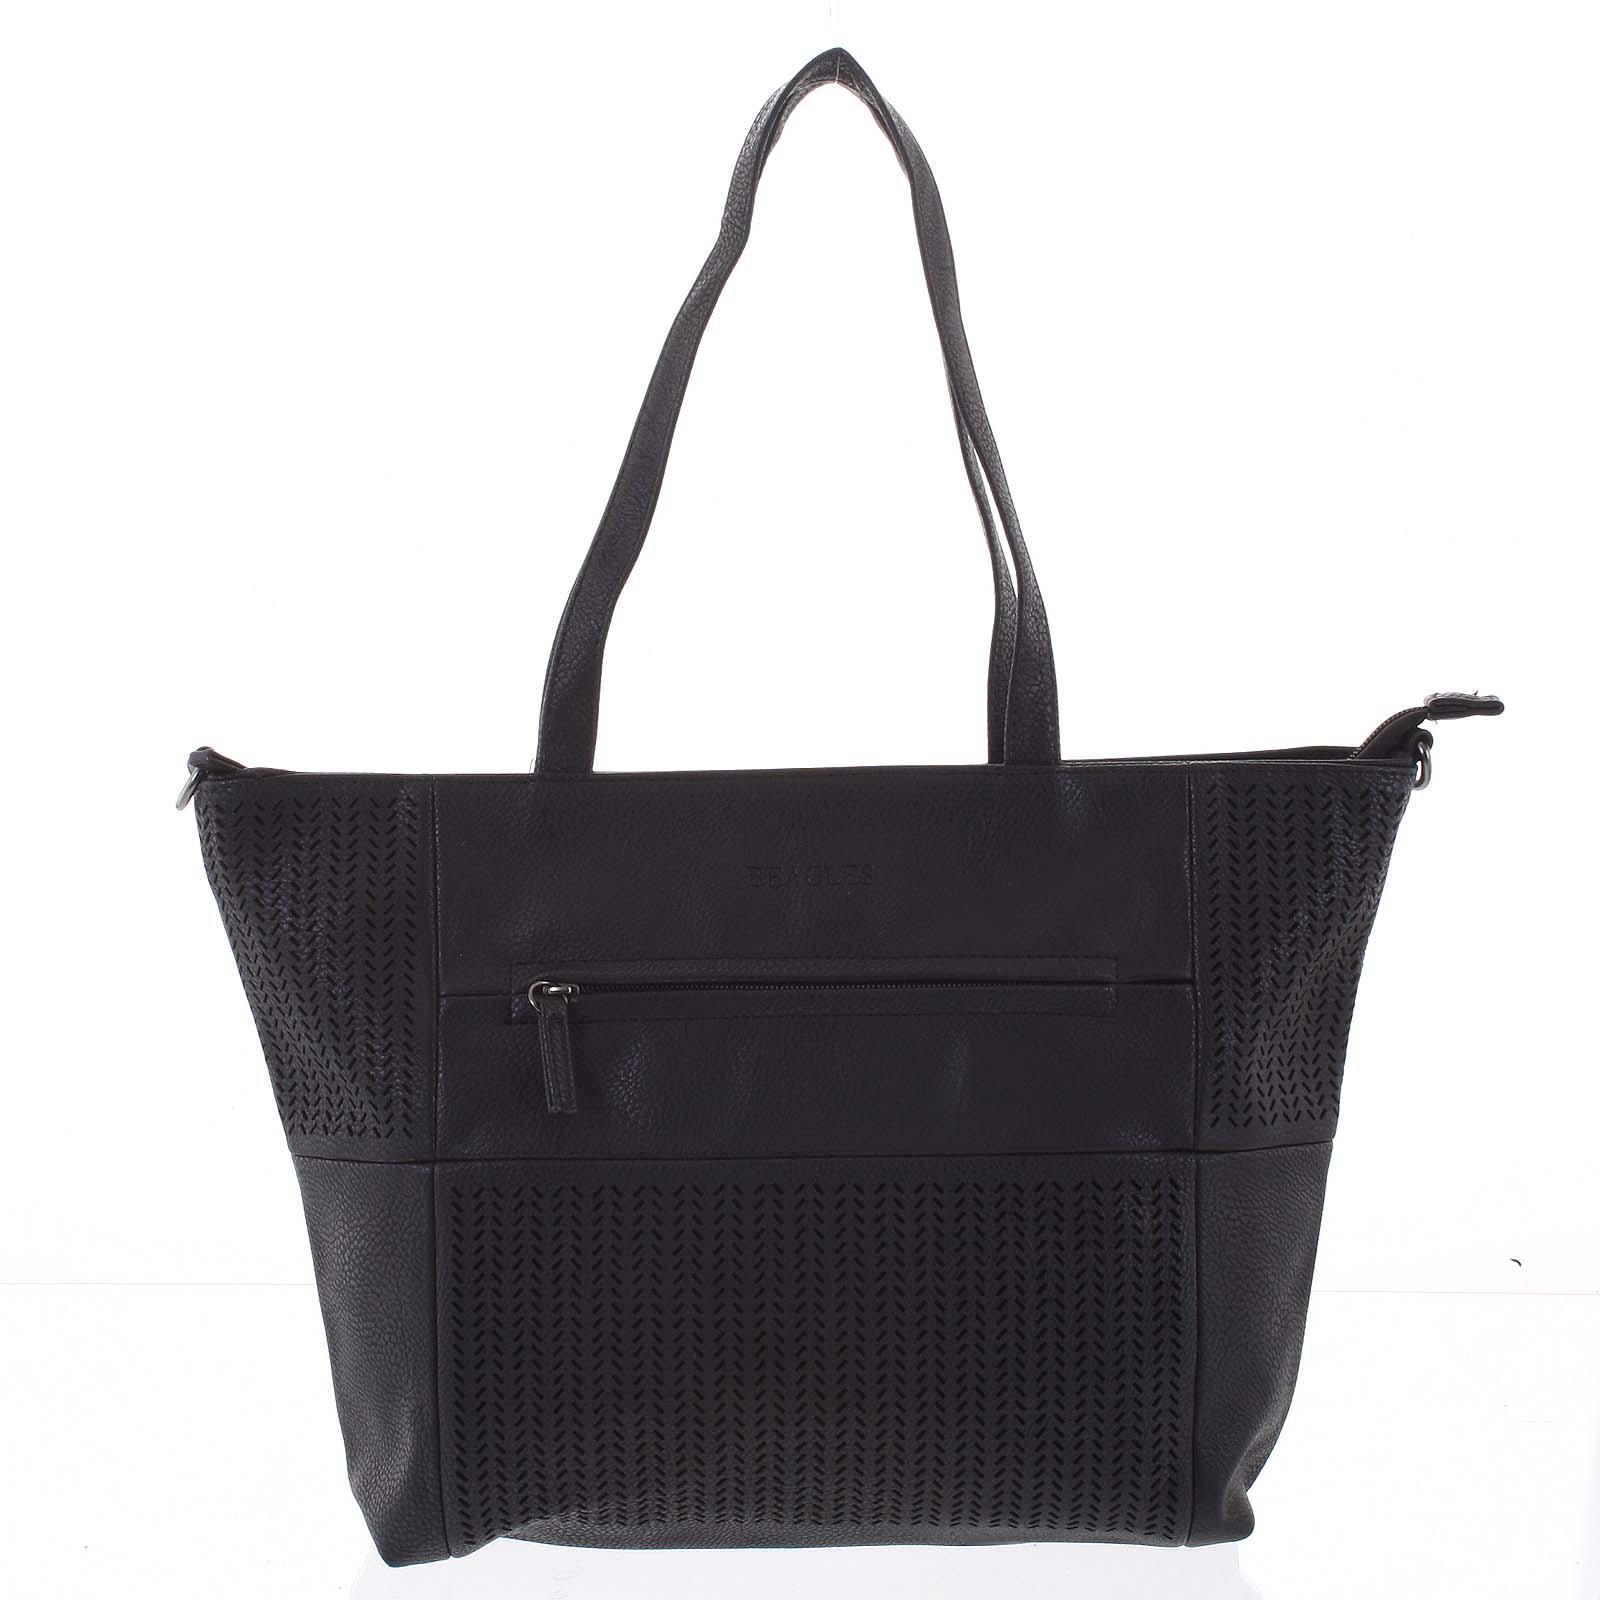 Elegantná perforovaná dámska kabelka cez rameno čierna - Beagles Lema čierna